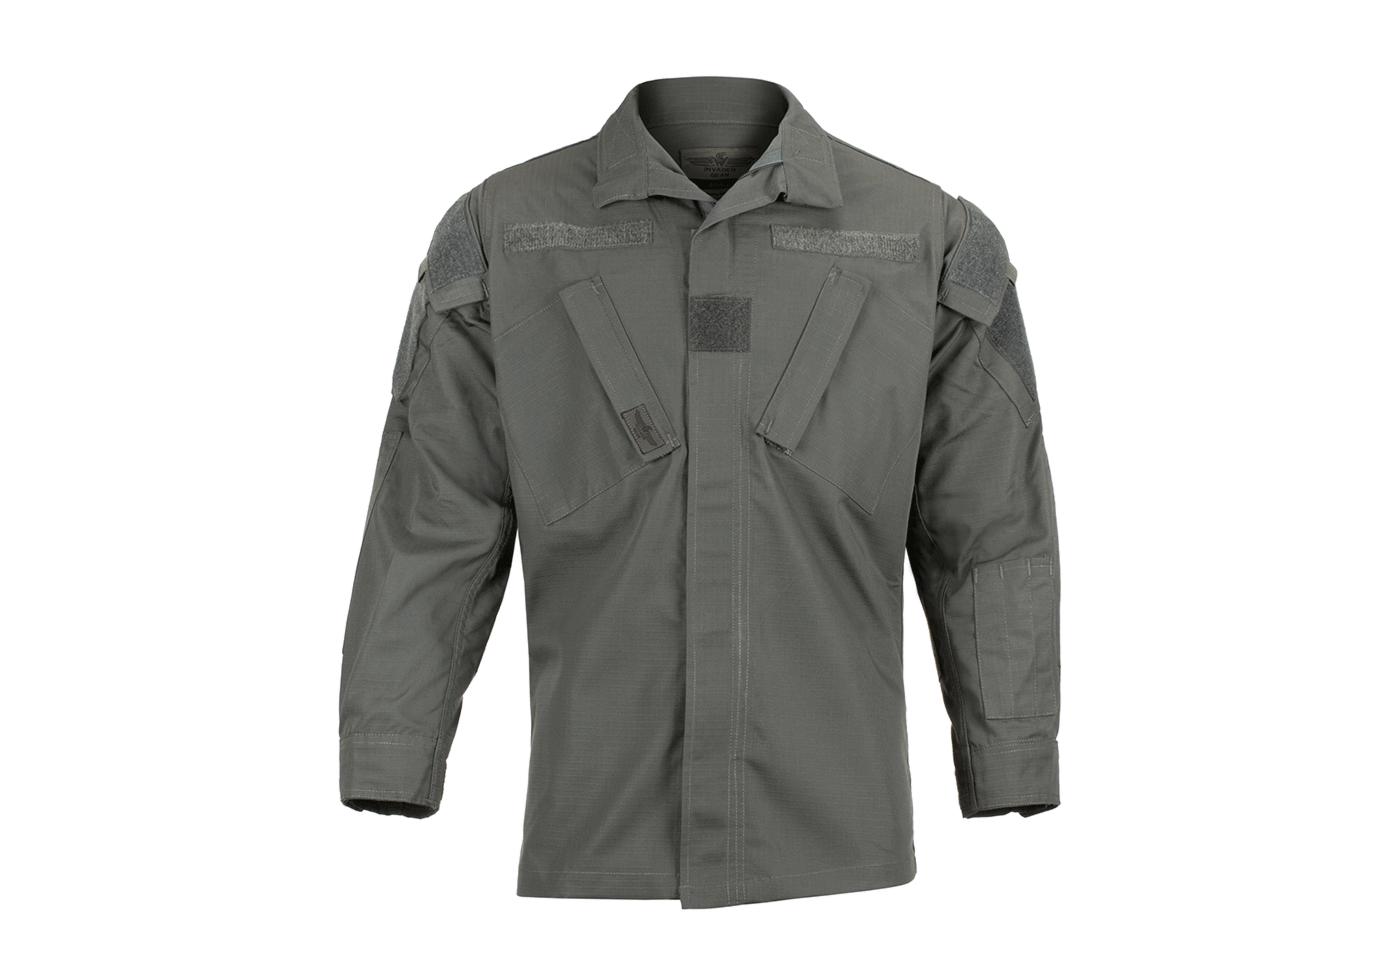 Claw Gear Revenger TDU Shirt Invader Gear